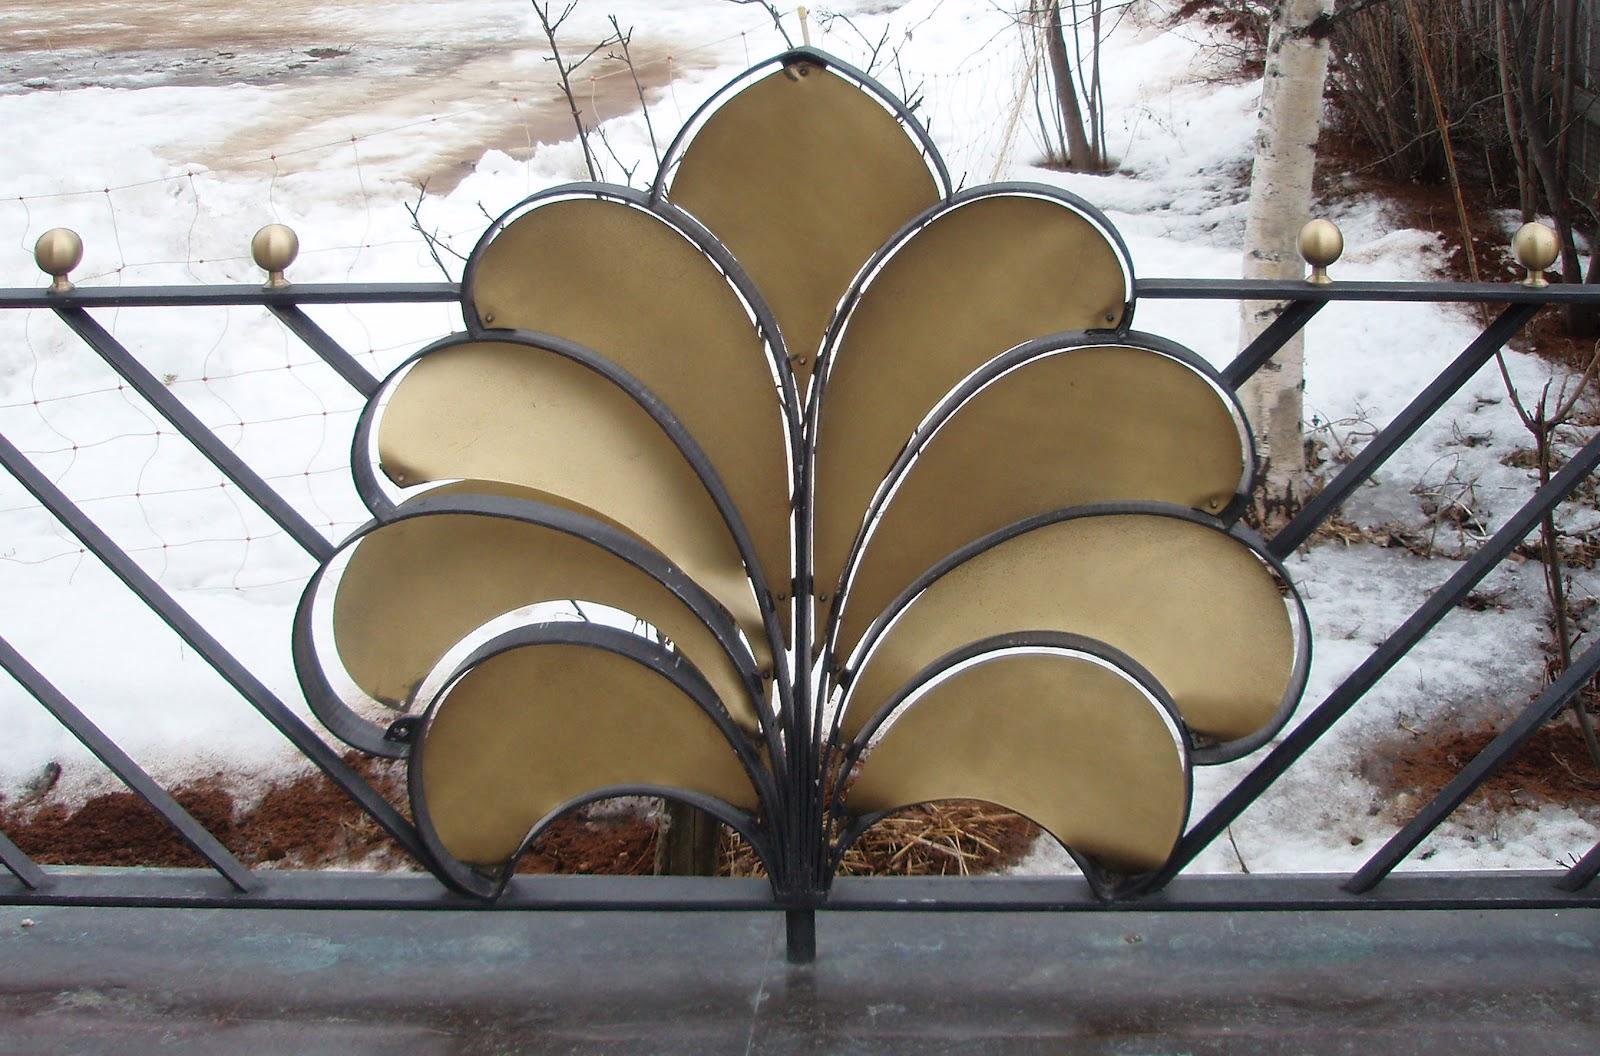 La influencia de arte en el dise o moderno el art nouveau - Art deco caracteristicas ...